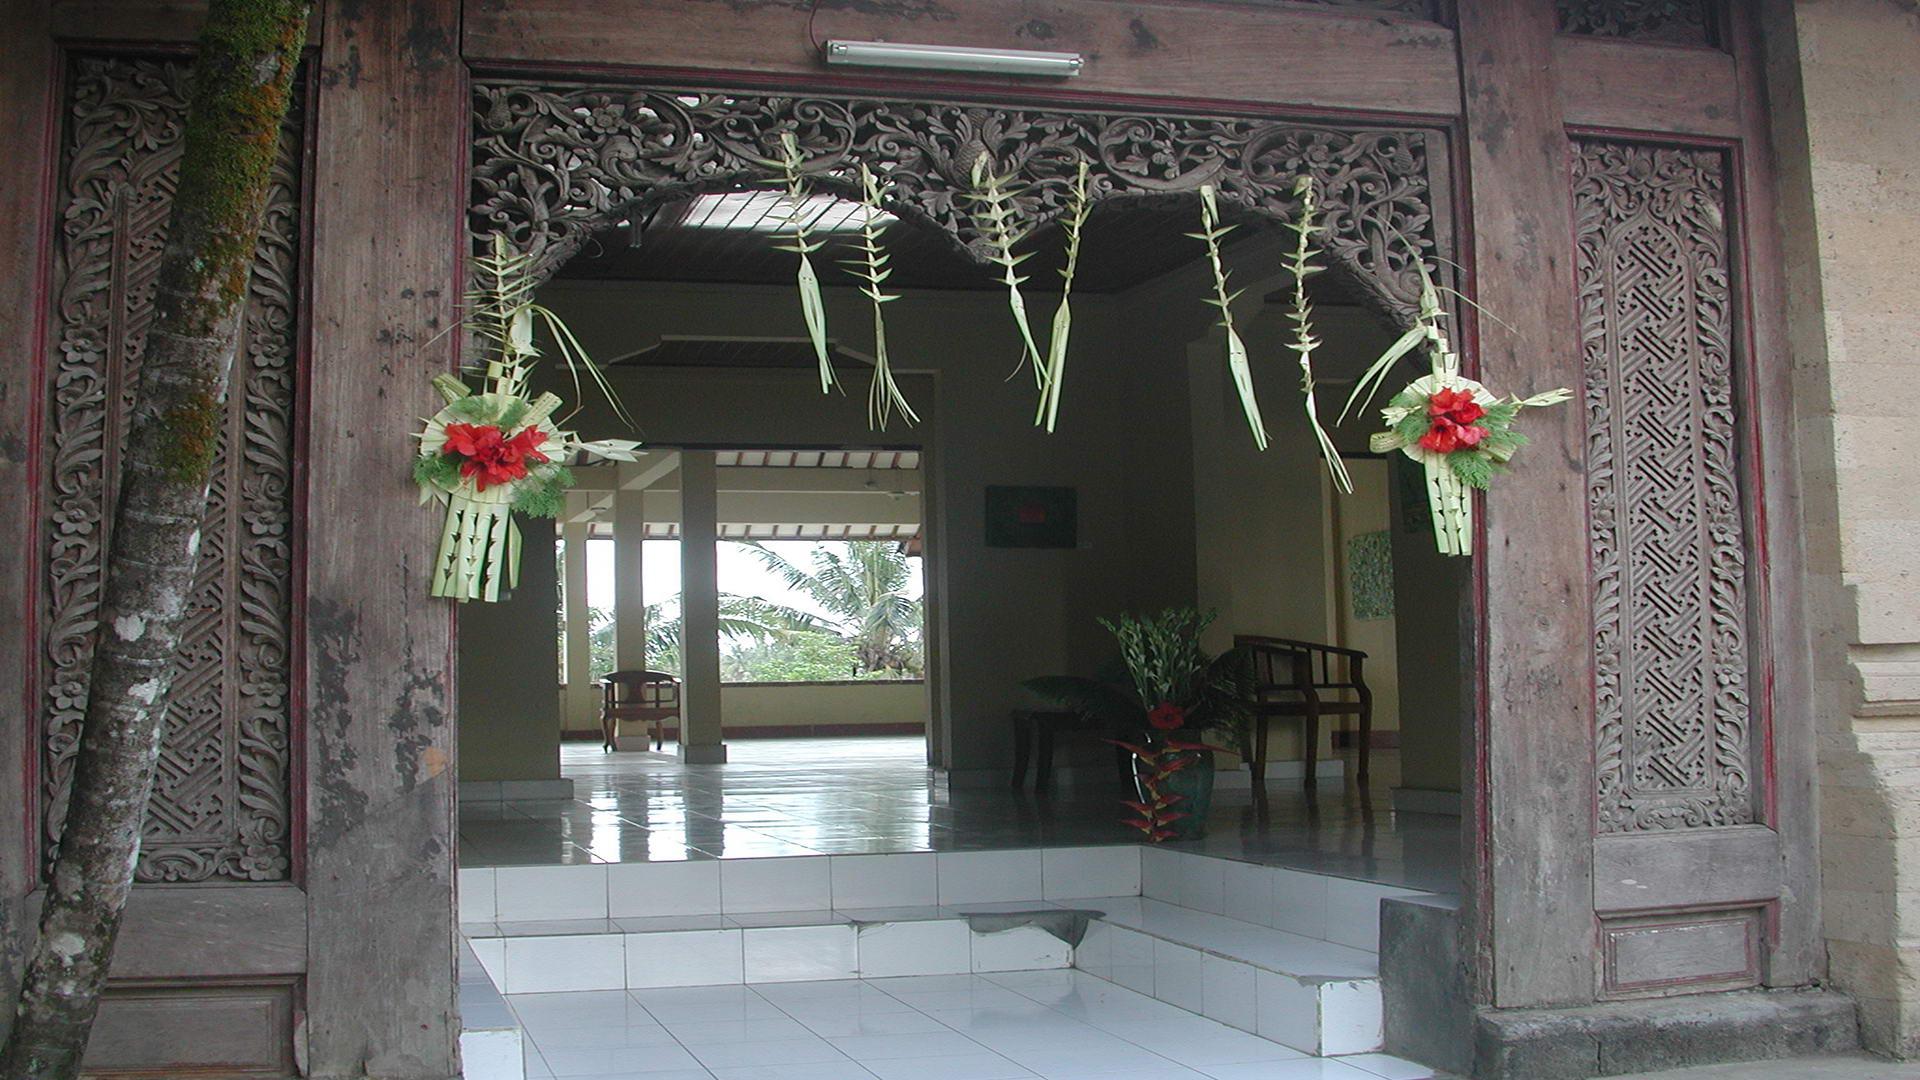 IM YANG artspace - The Front Door